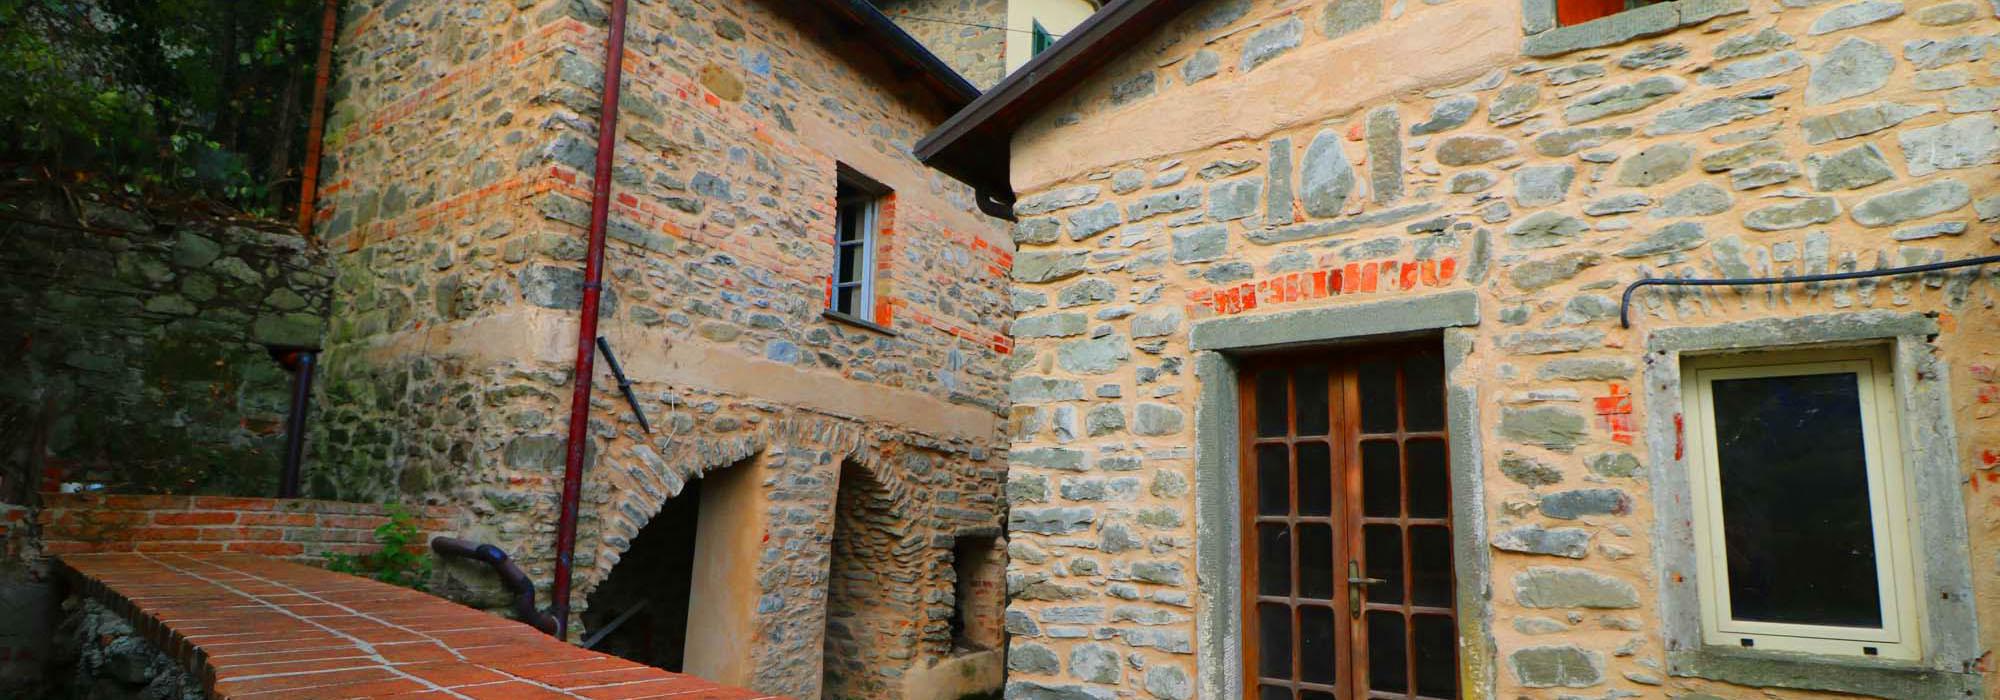 LA MELA – Rustico In Pietra Restaurato con Terrazza e Giardino